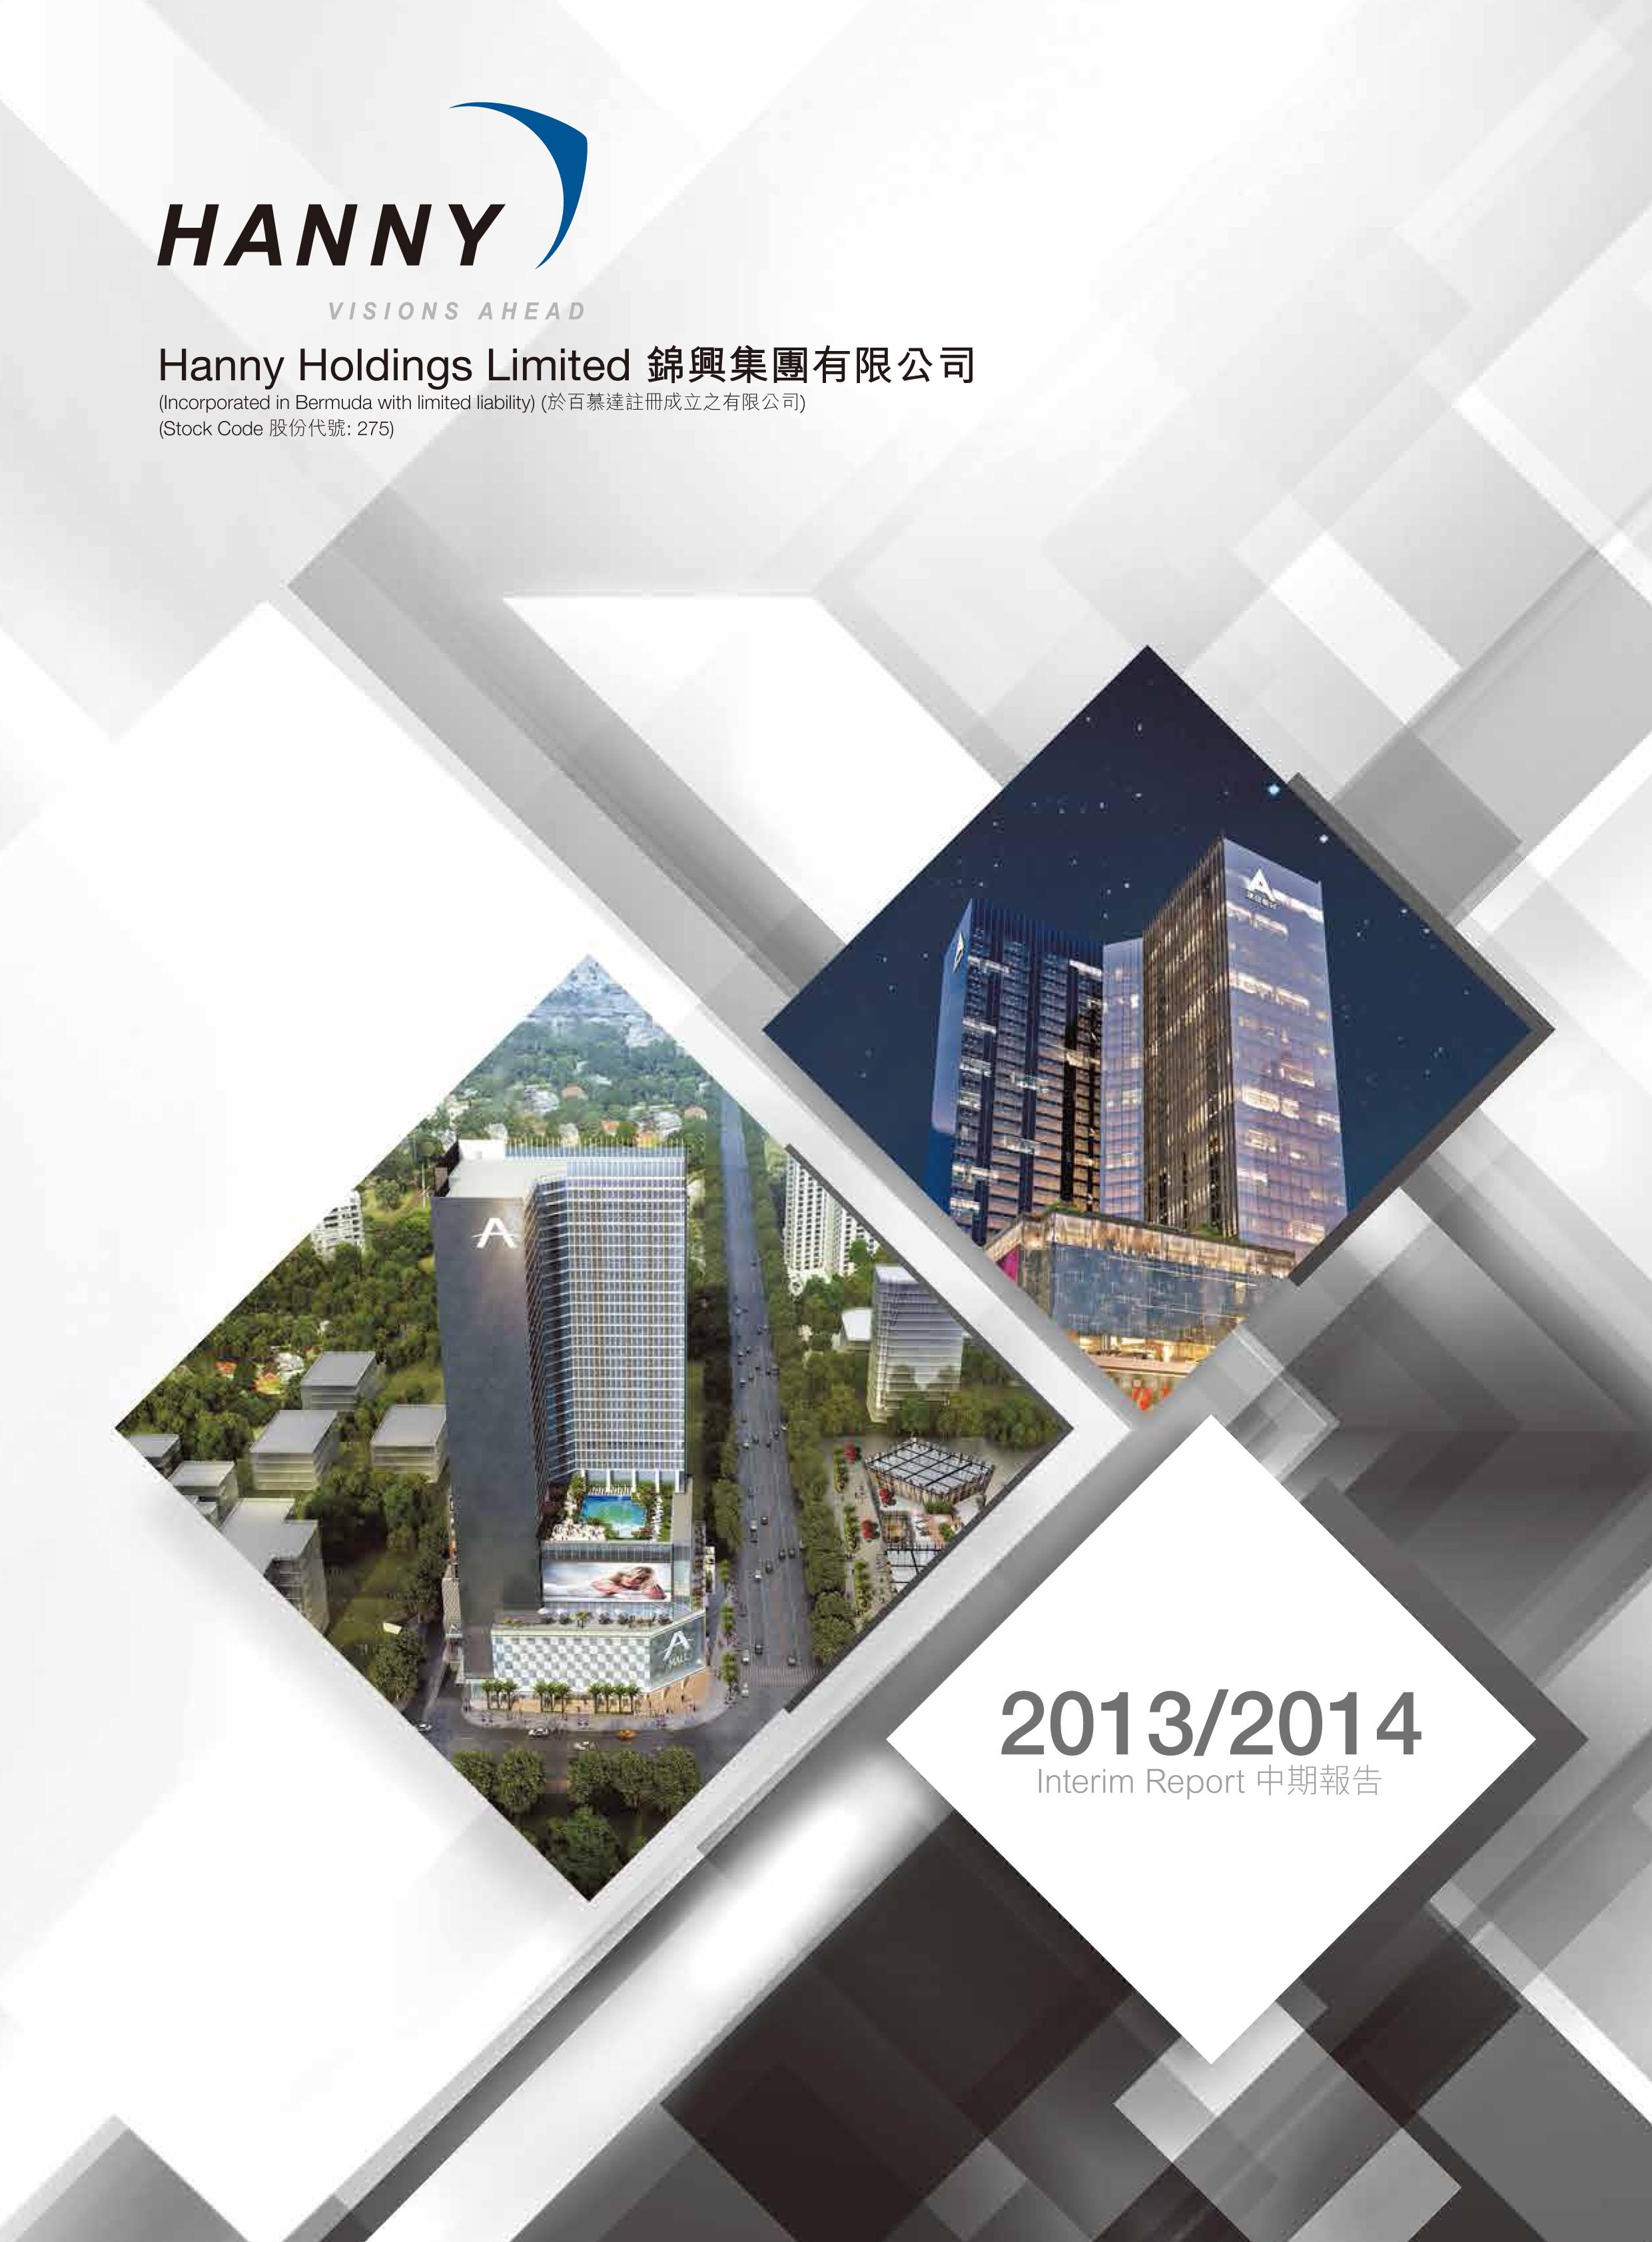 2013/2014 中期報告